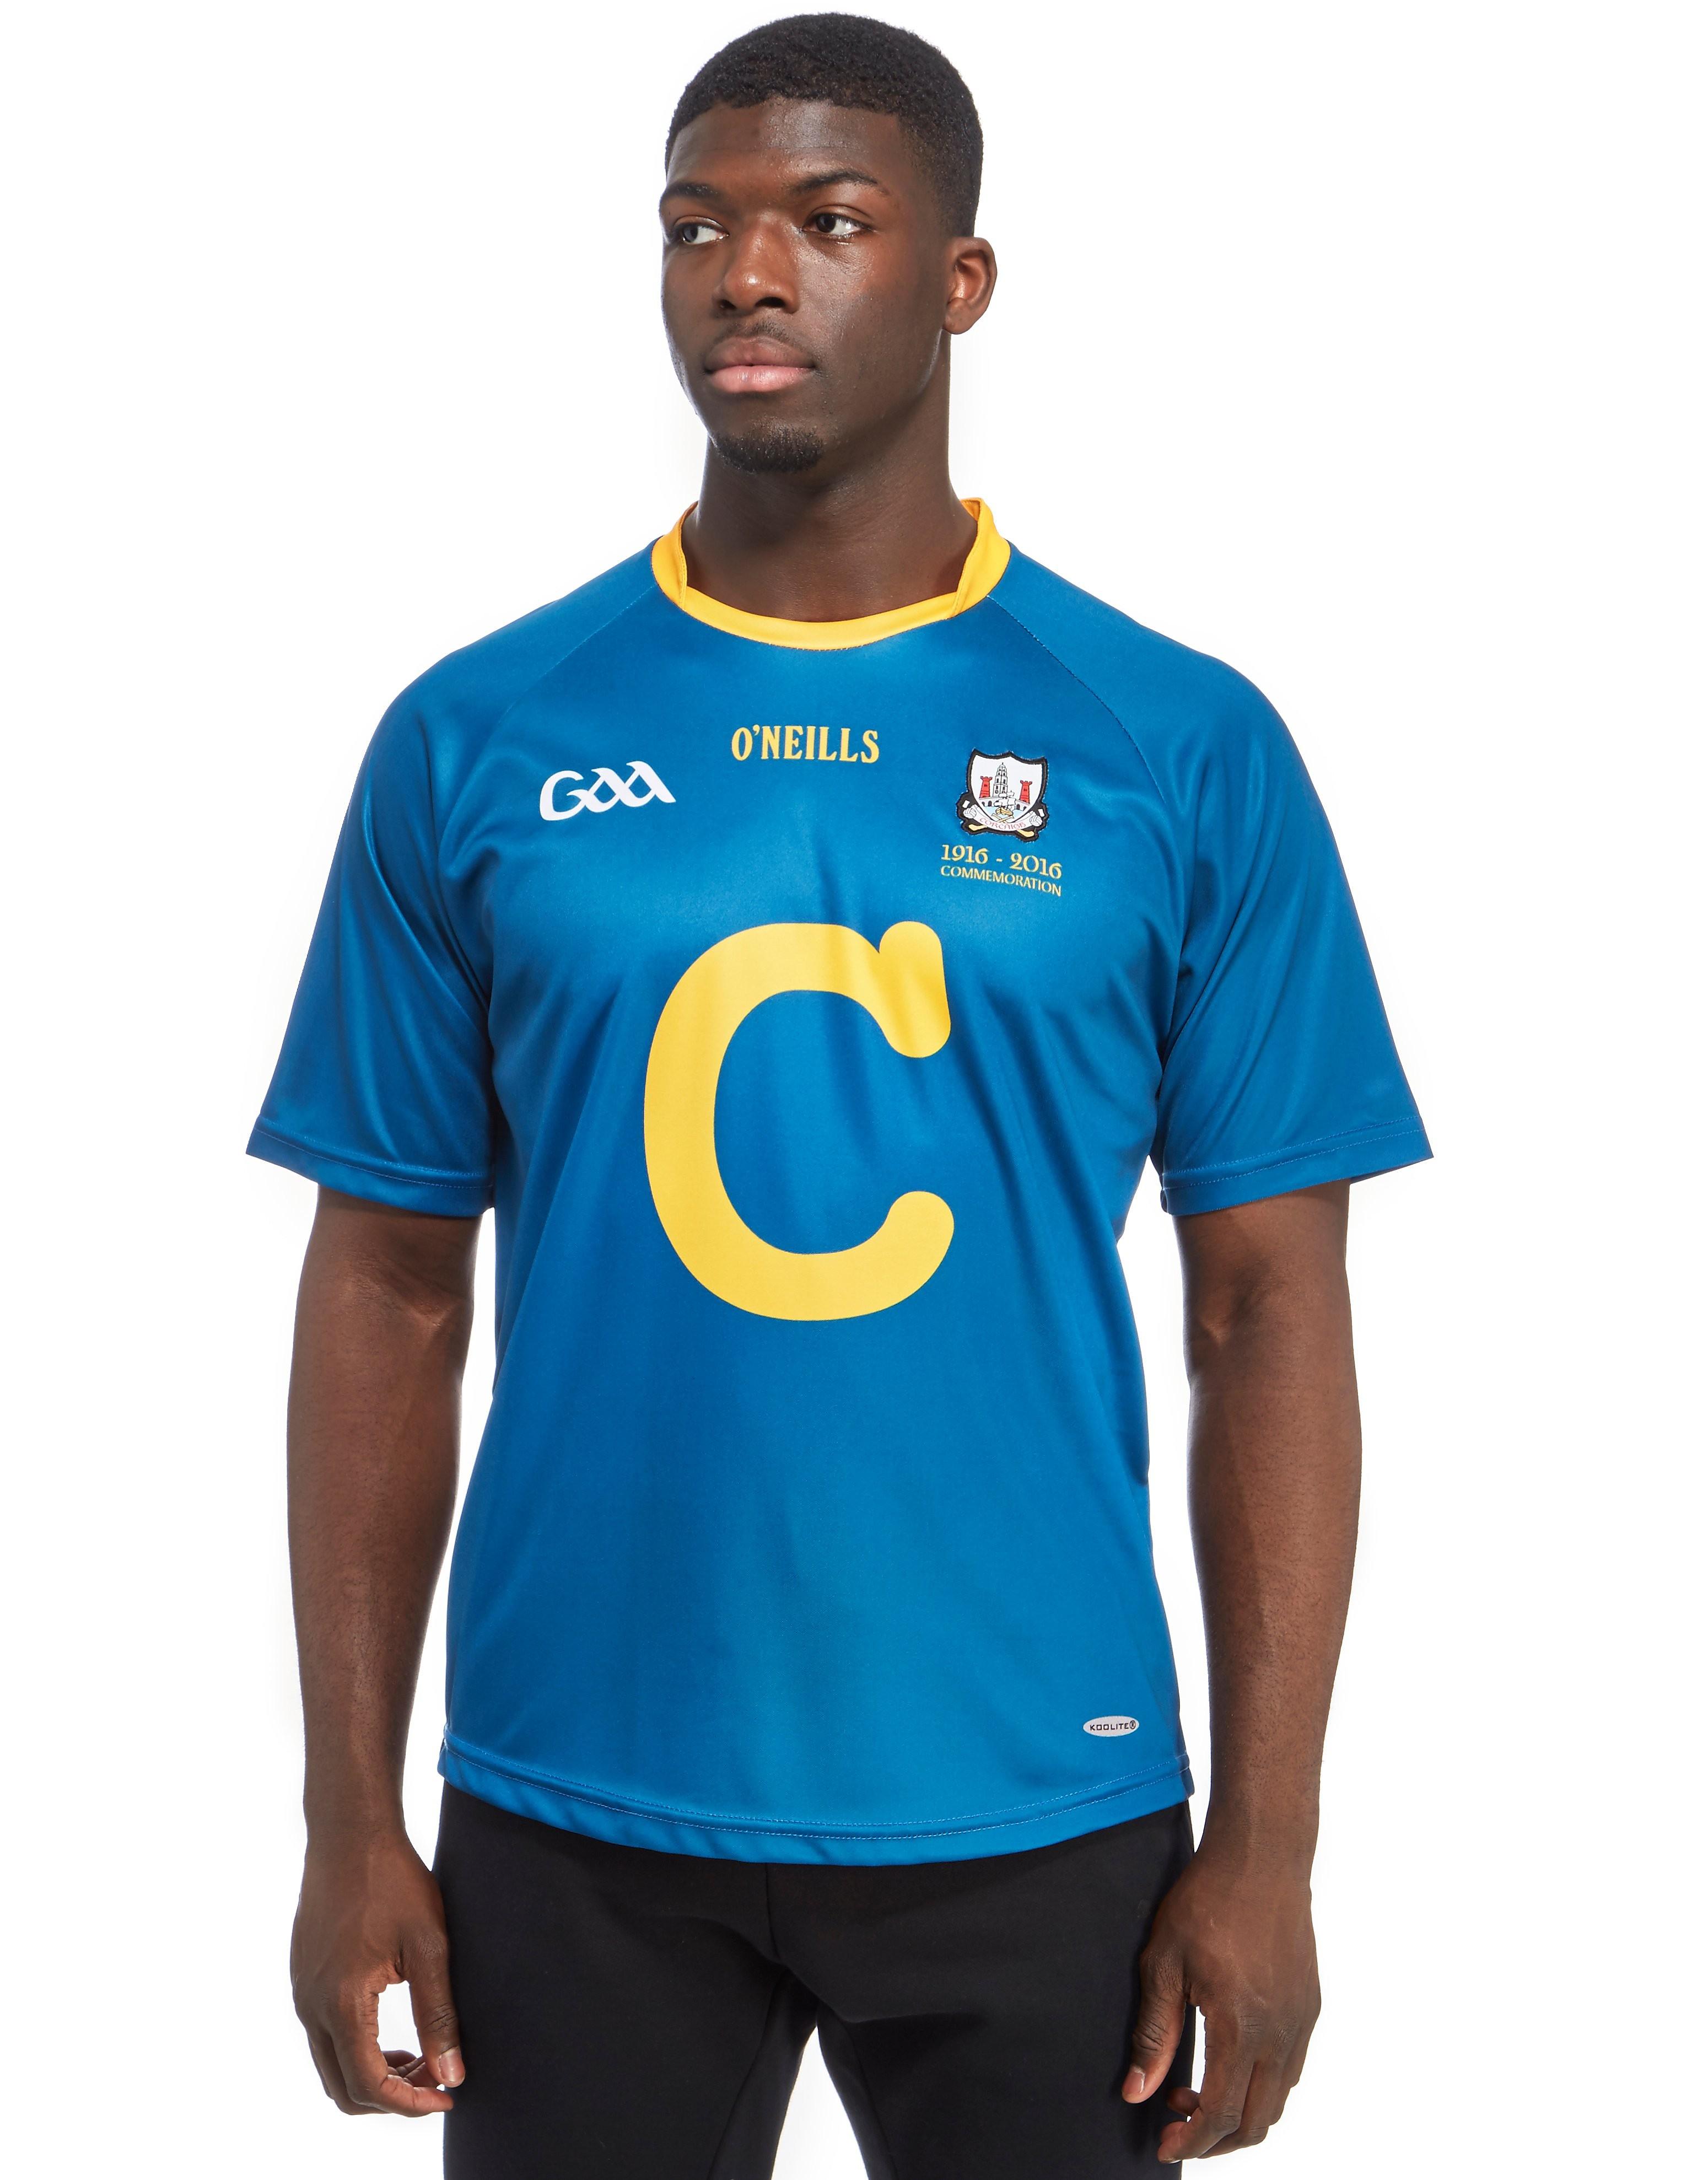 O'Neills Cork 1916-2016 Shirt